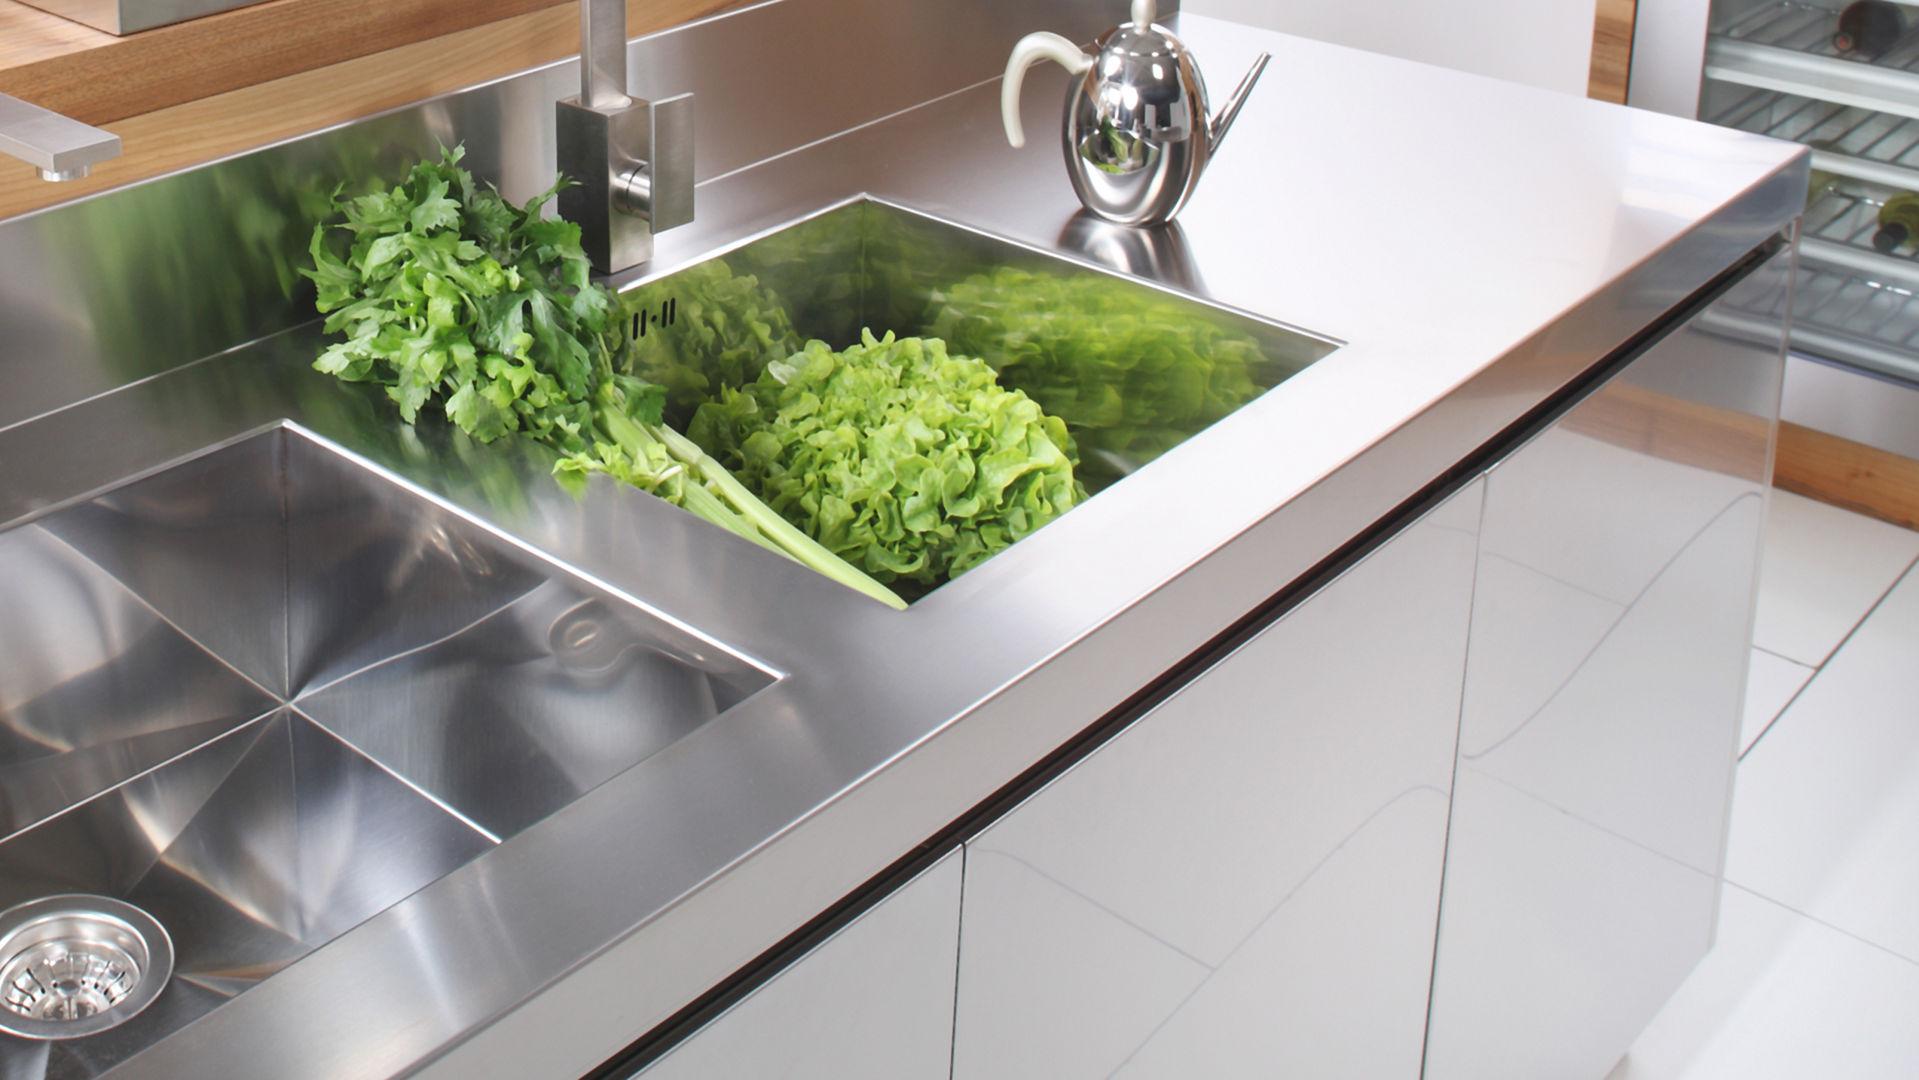 Arca Cucine Italia - Cucine Domestiche Acciaio Inox - Maniglie - Gola 016